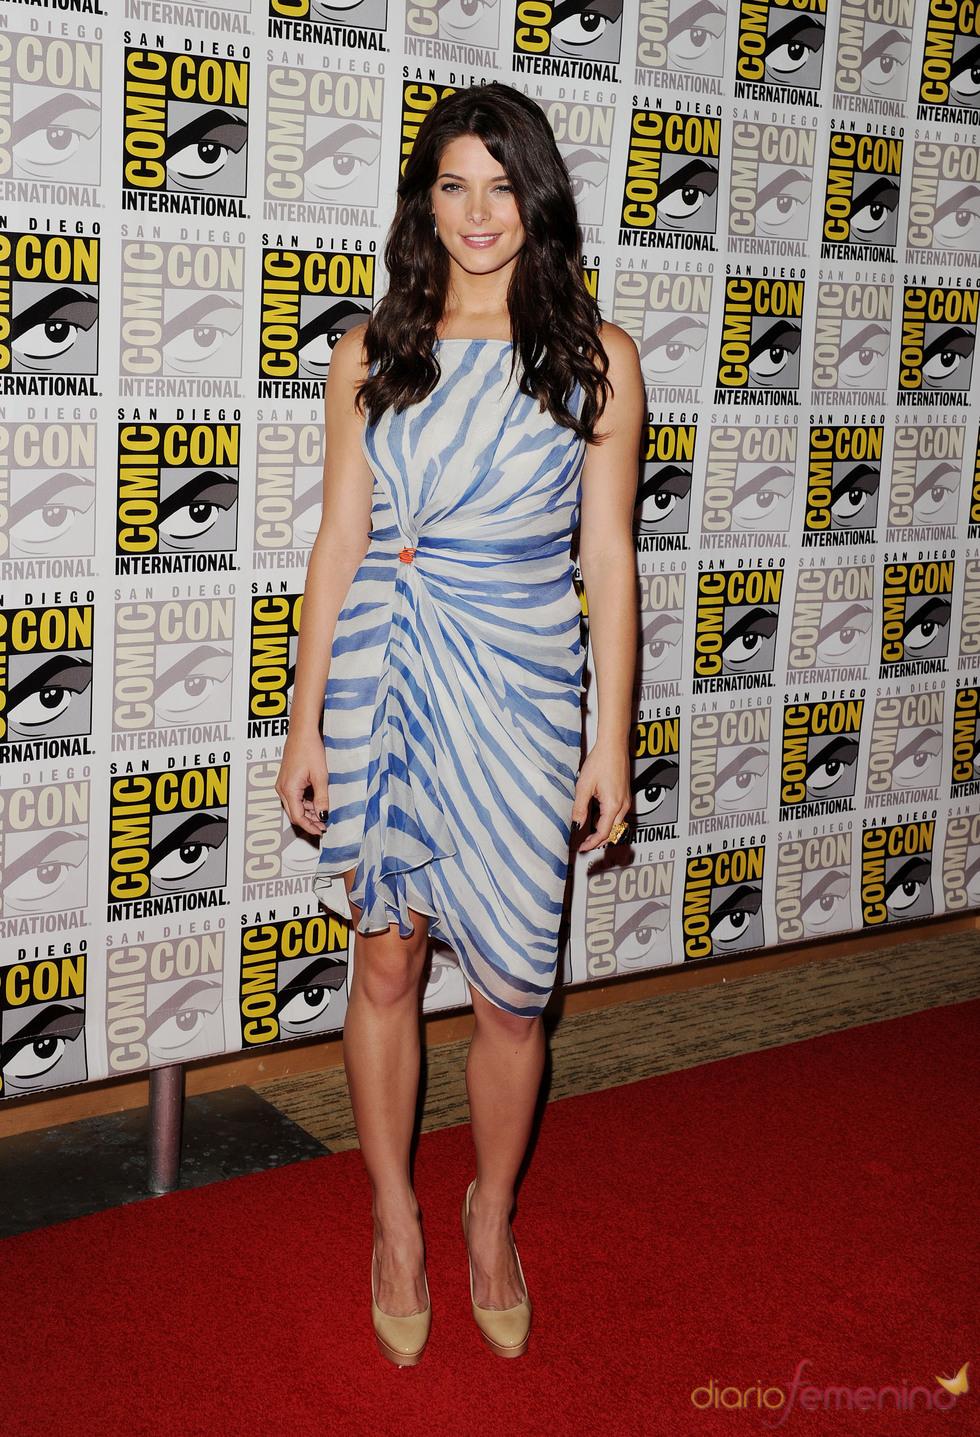 Ashley Greene en el Comic Con 2011